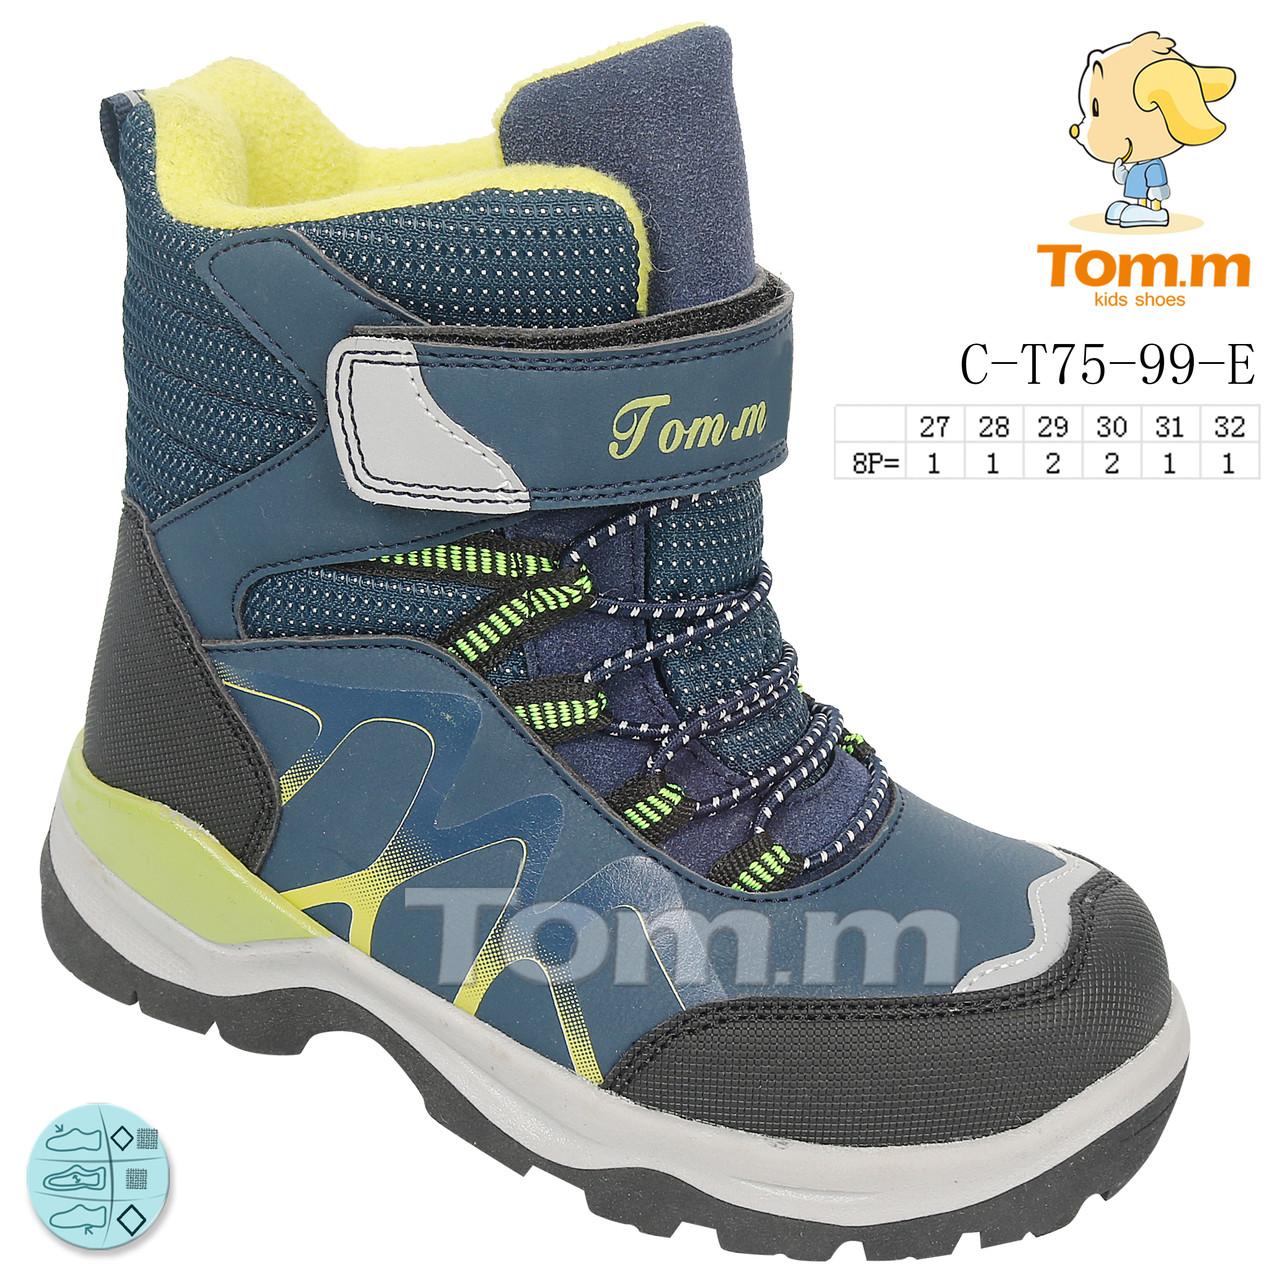 Детские термоботинки TOM M, с 27 по 32 размер, 8 пар